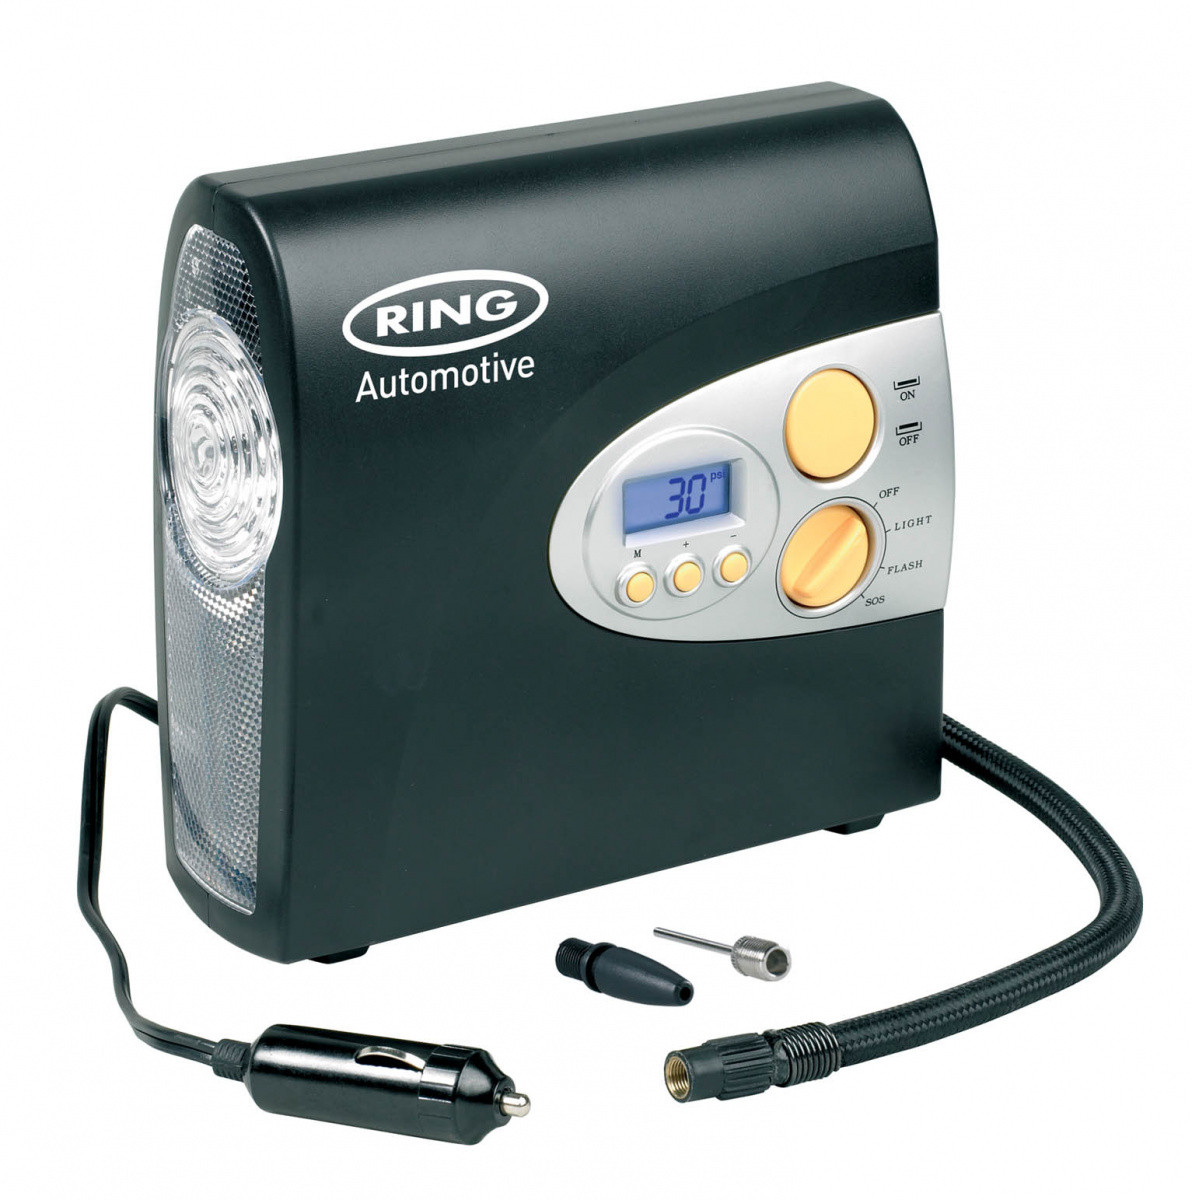 Компрессор автомобильный цифровой с фонарем Ring Automotive